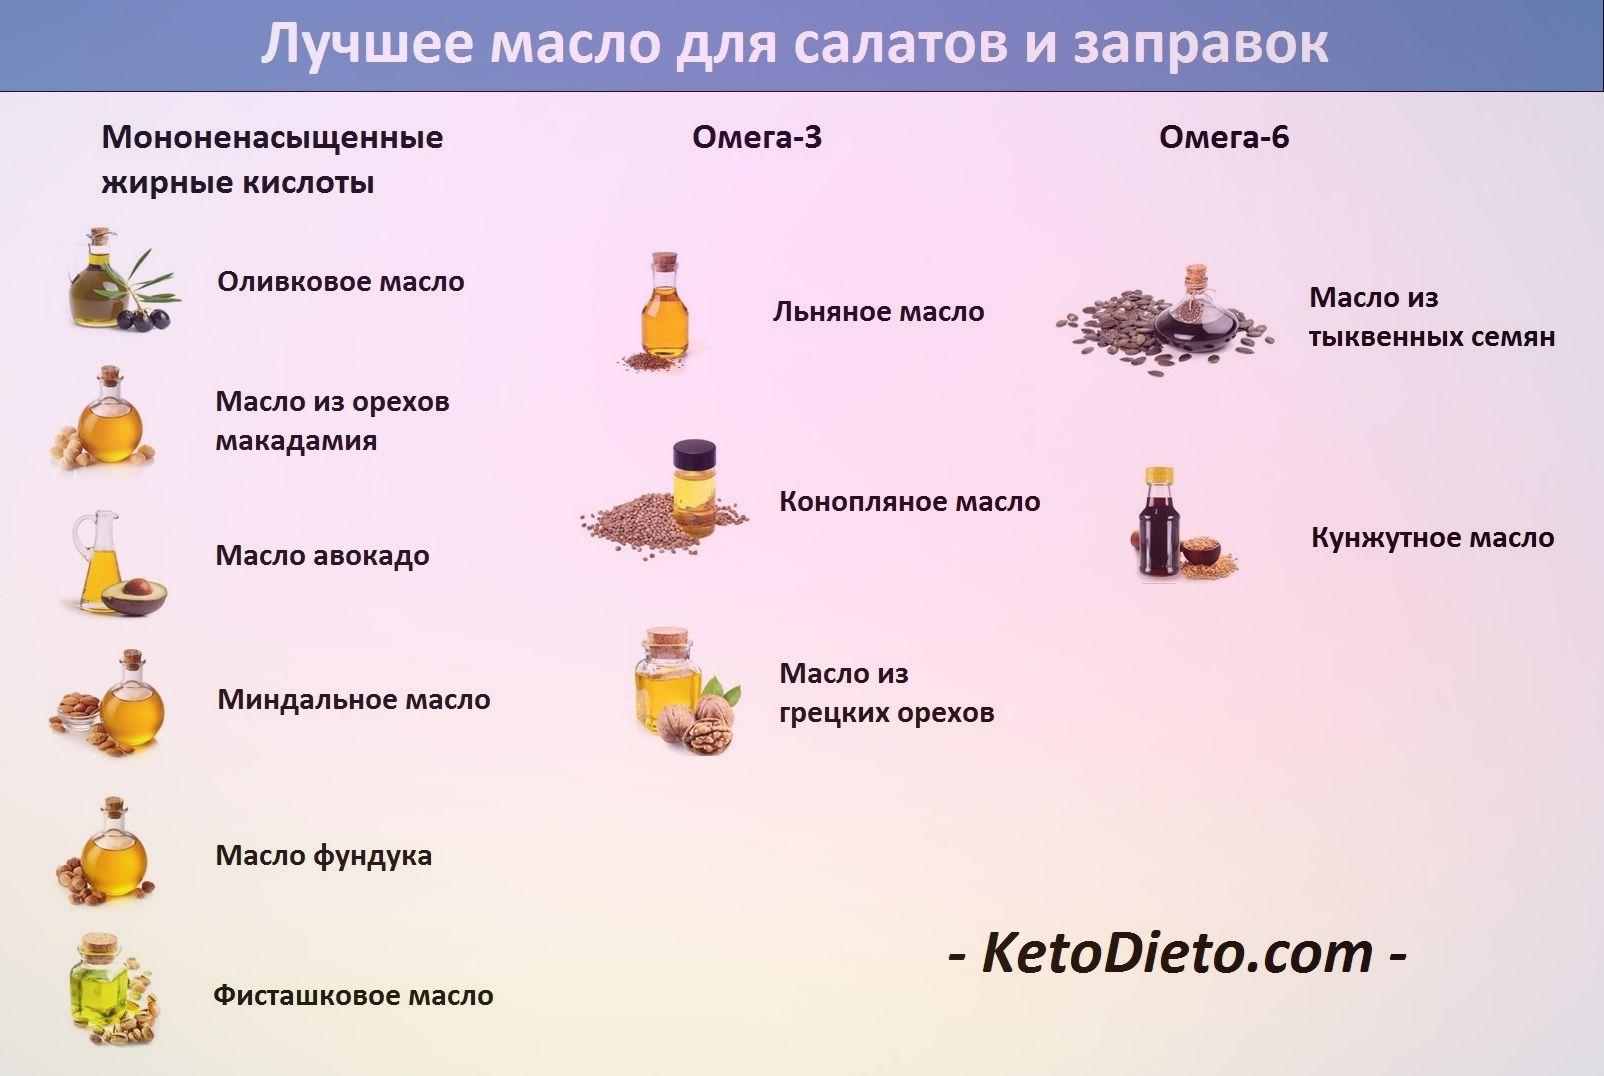 Кетоновая диета —что это? кето —польза и вред, опасности и противопоказания